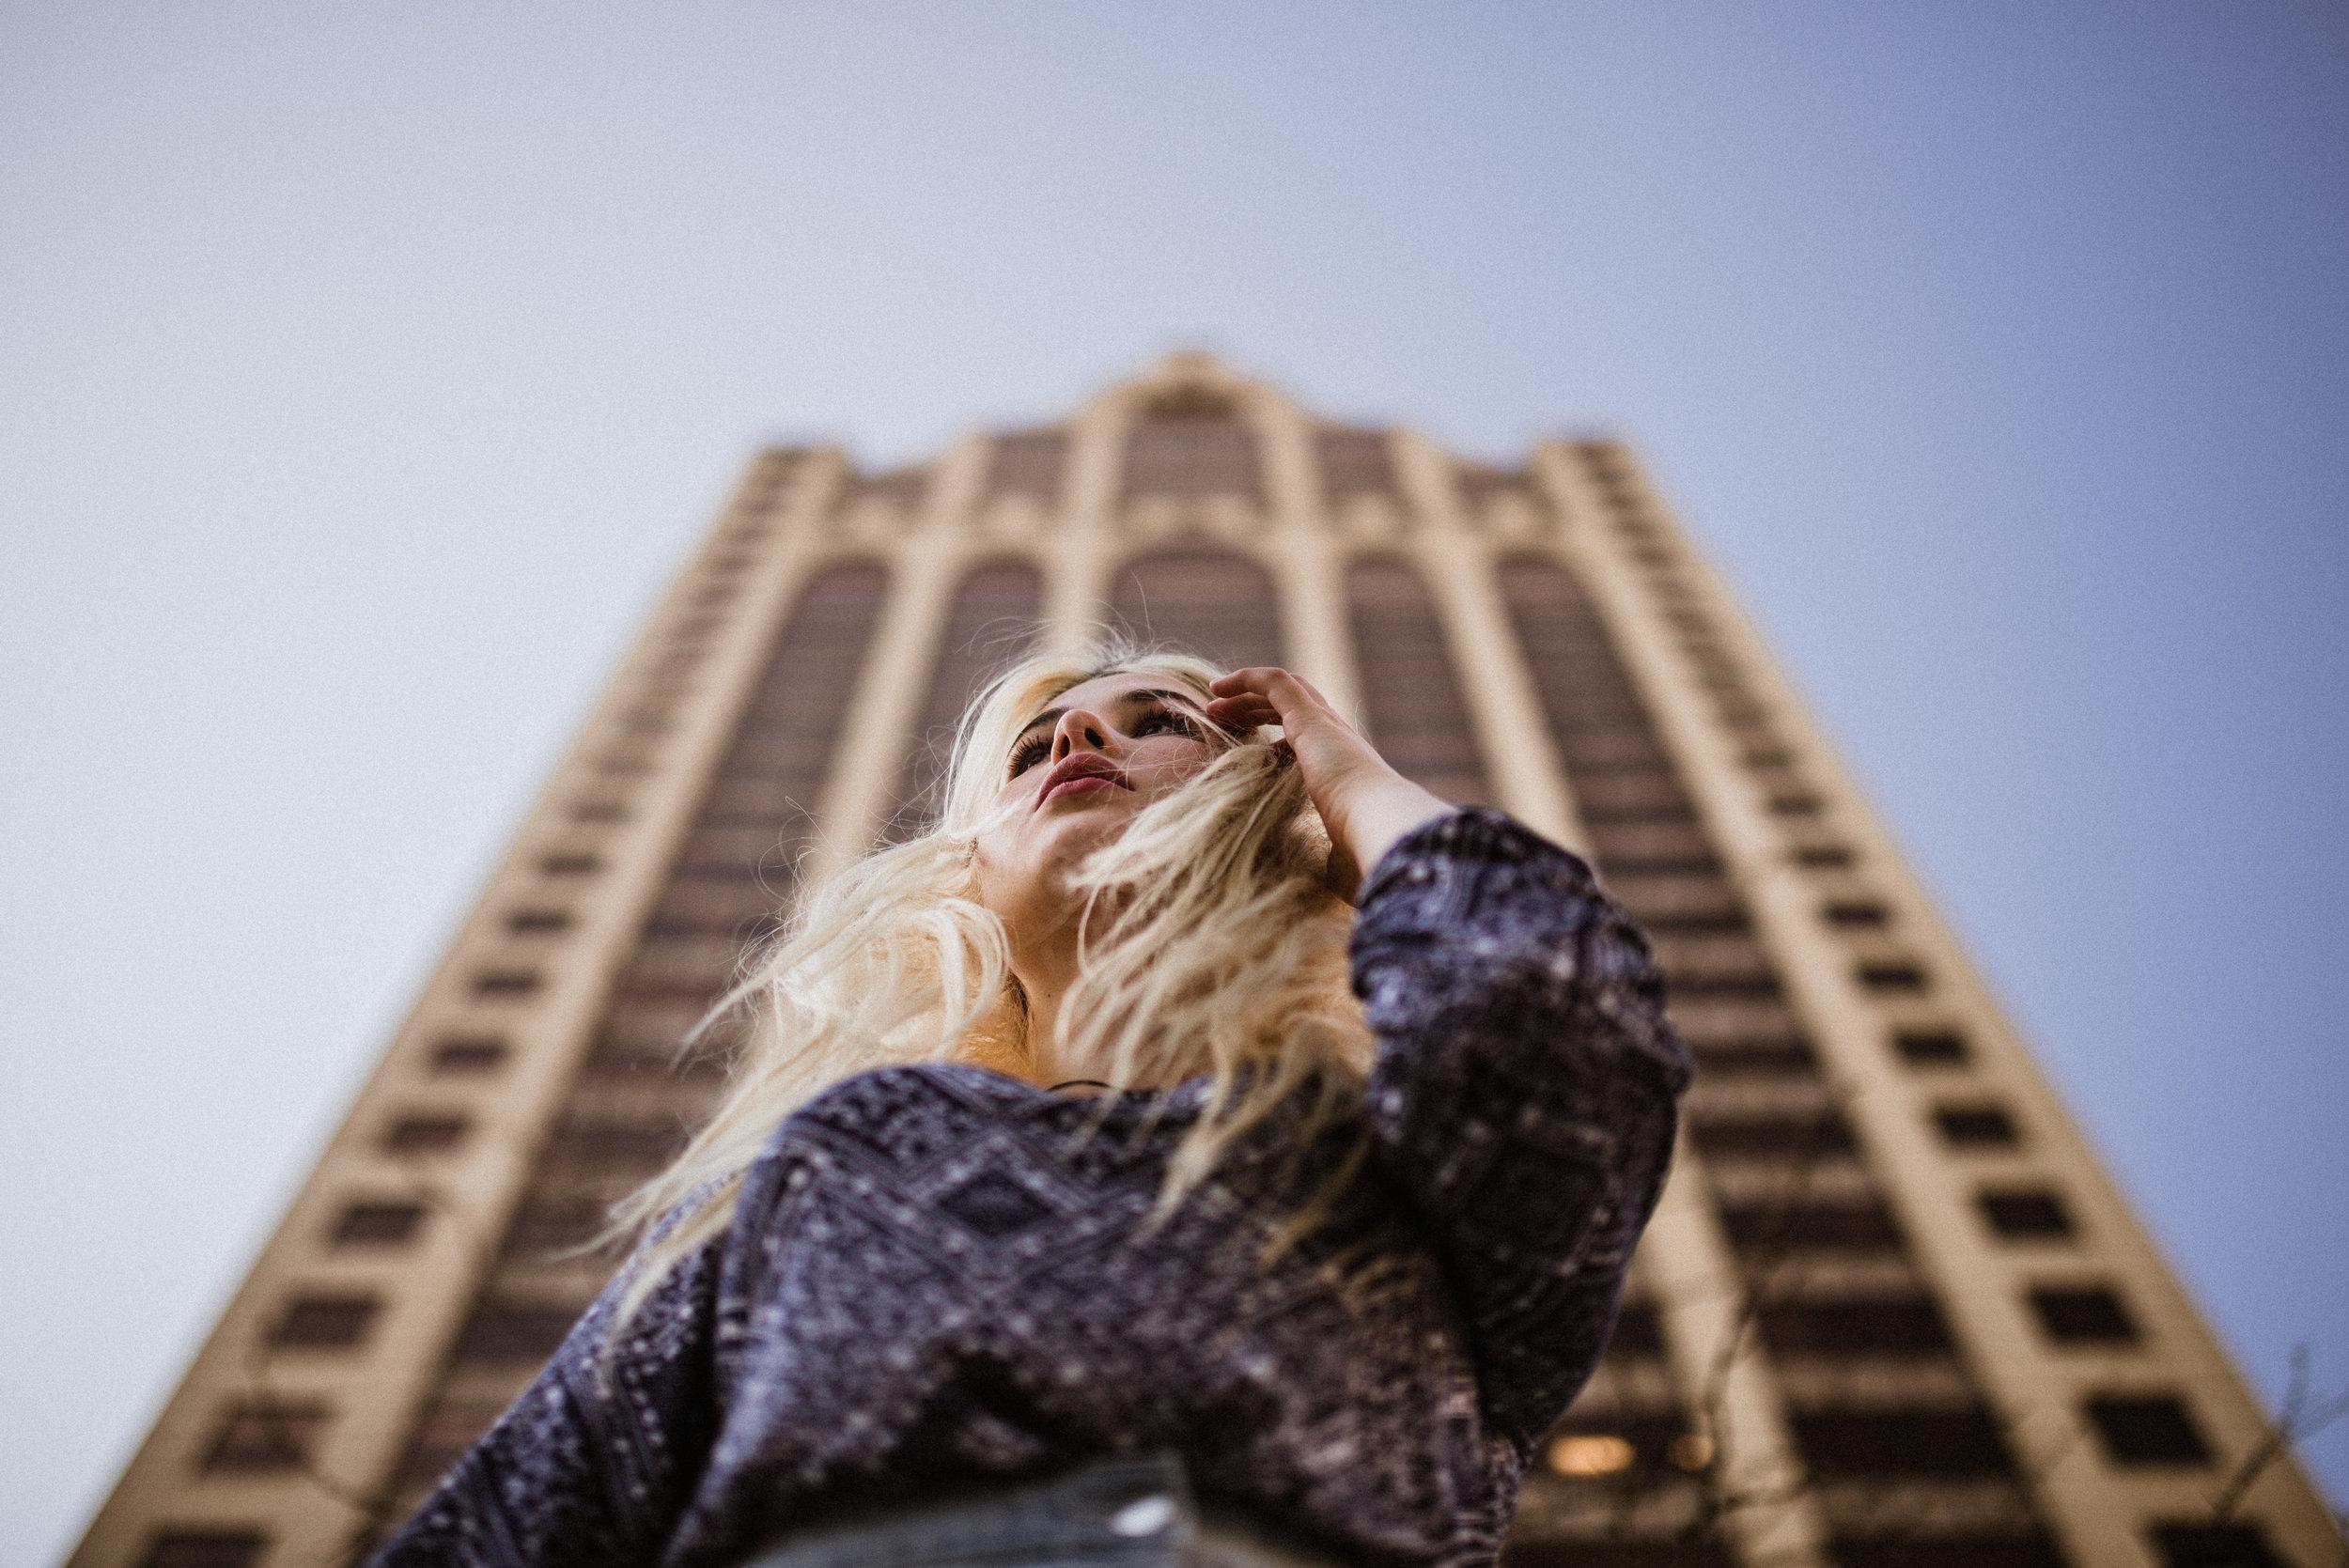 portrait urban buildings